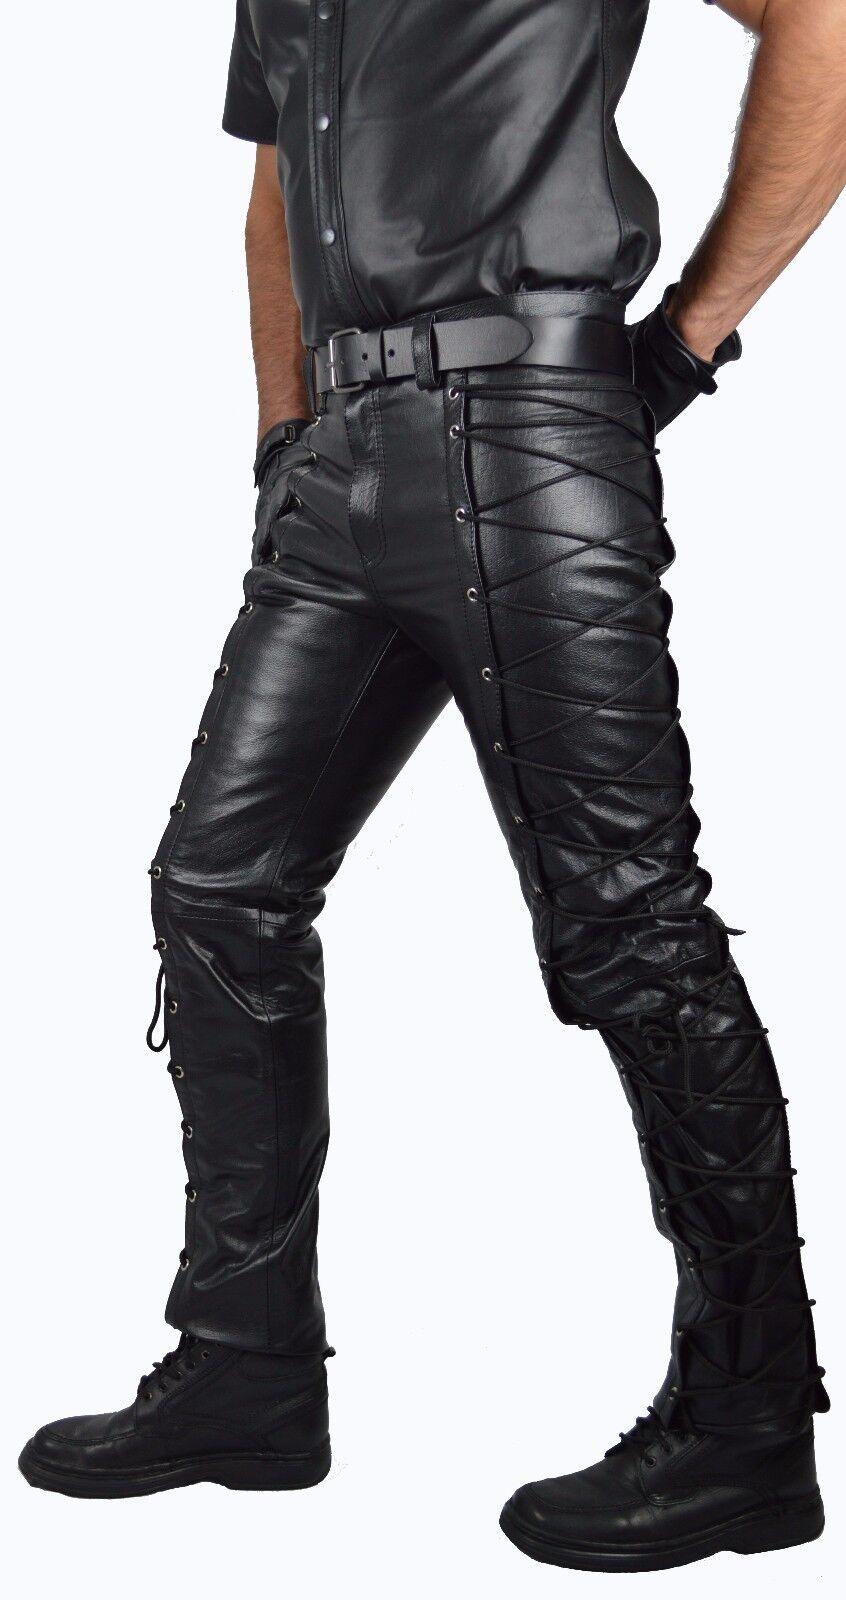 AW-721 zum schnürn lederhose, lace up up up leather trousers en cuir,Echt leder hose,   Spielen Sie auf der ganzen Welt und verhindern Sie, dass Ihre Kinder einsam sind  75894c